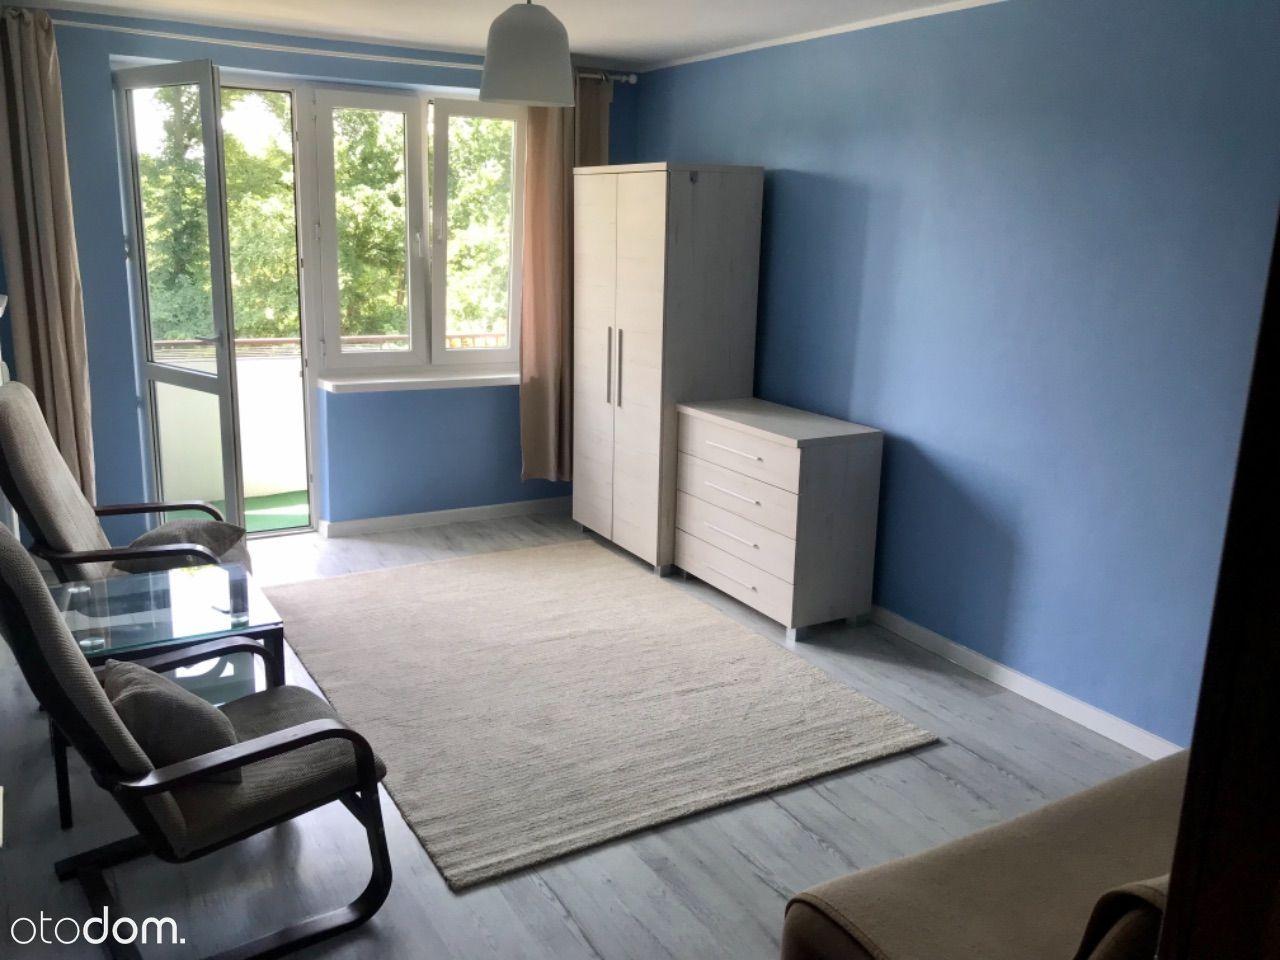 Os. Widok 2 Pokoje z kuchnią 47m2 piękny Widok